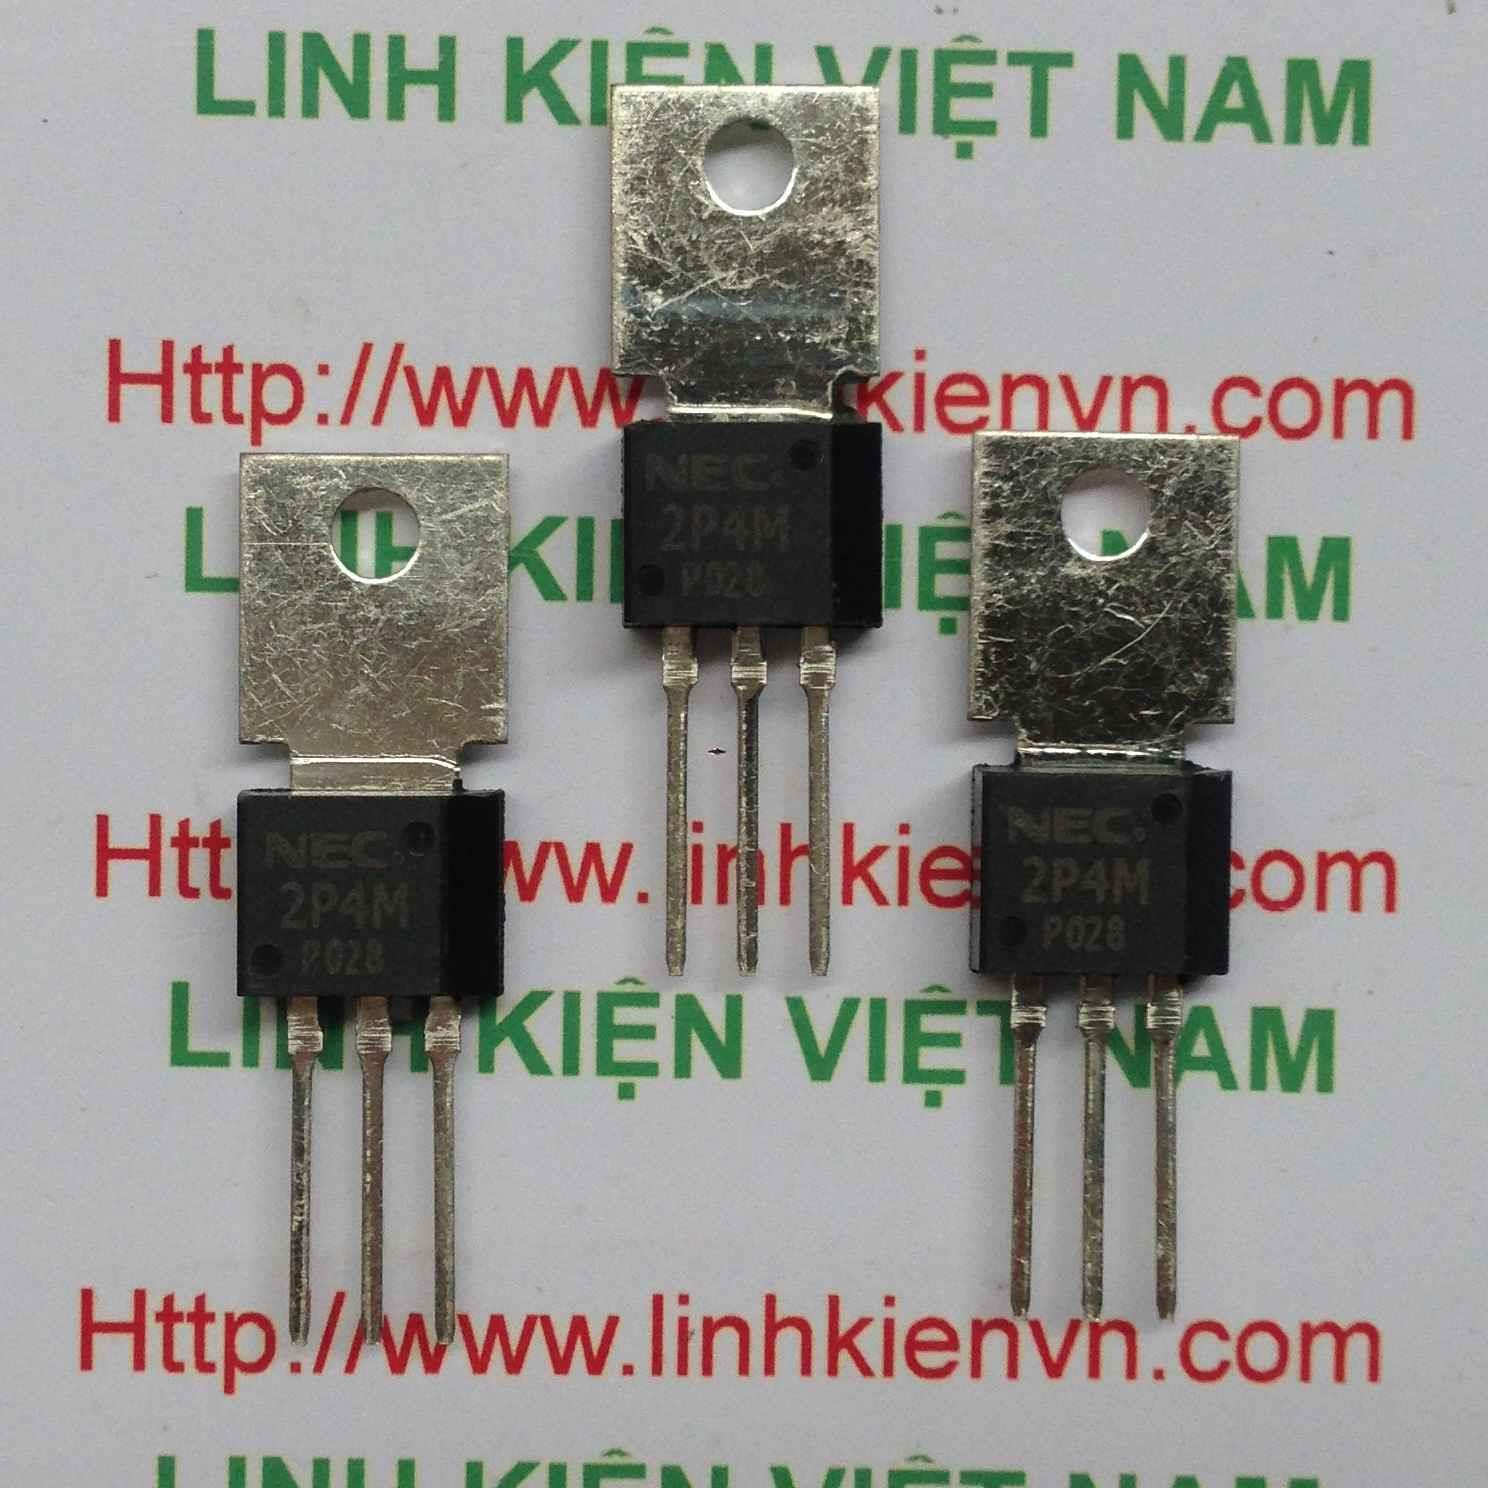 Thyristor 2P4M 2A-500V - B6H3